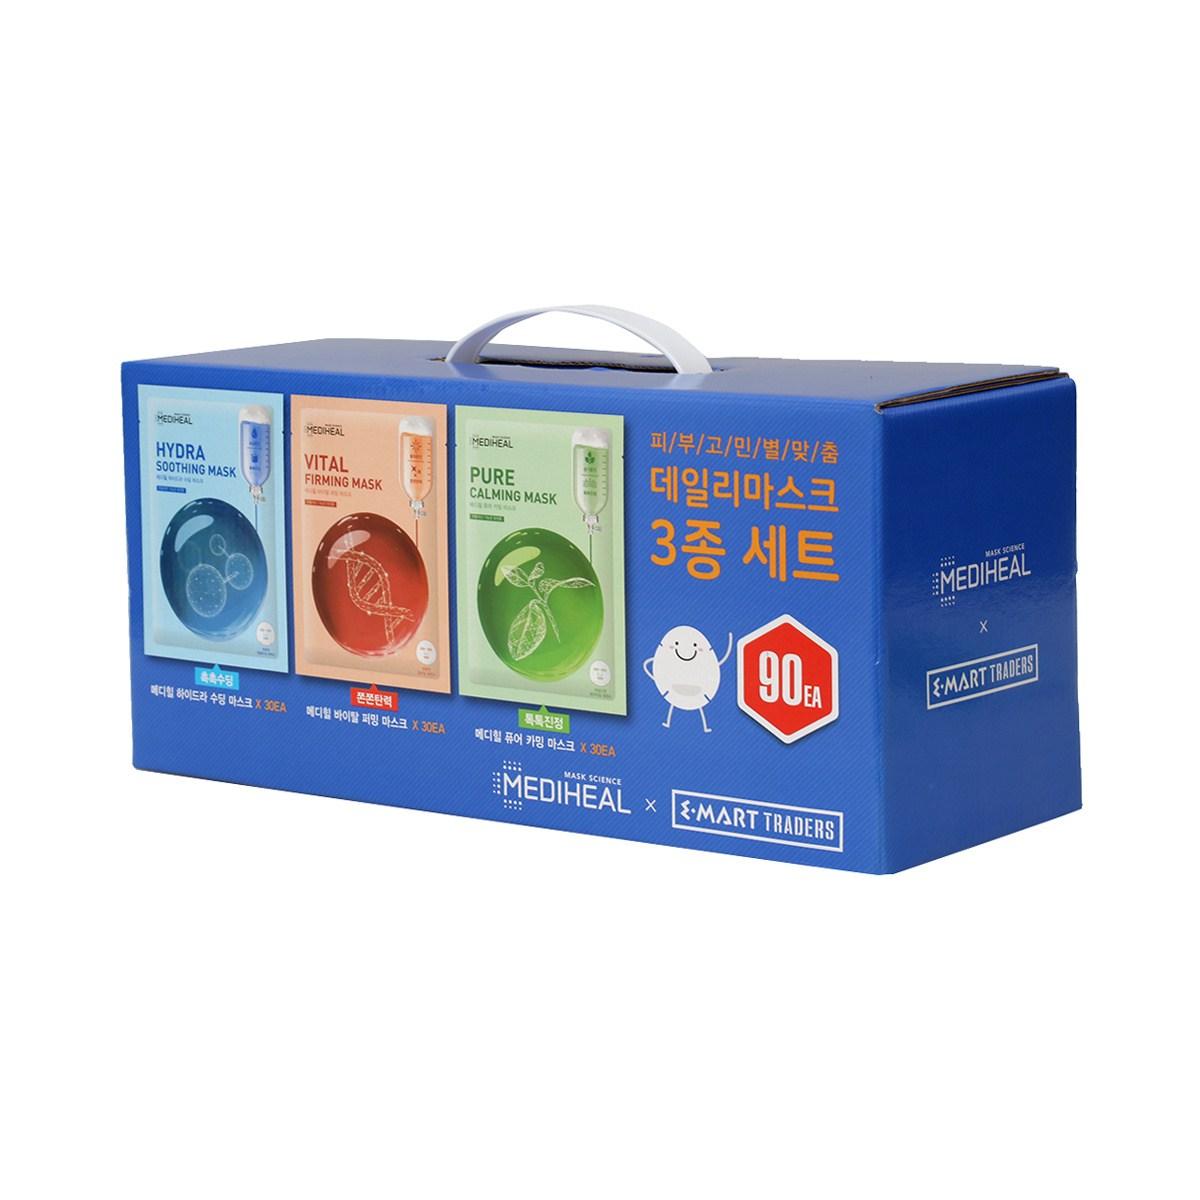 메디힐 데일리 마스크 30매x3입 무료배송 하이드라 수딩 바이탈 퍼밍 퓨어 카밍 데일리마스크, 90매, 1set